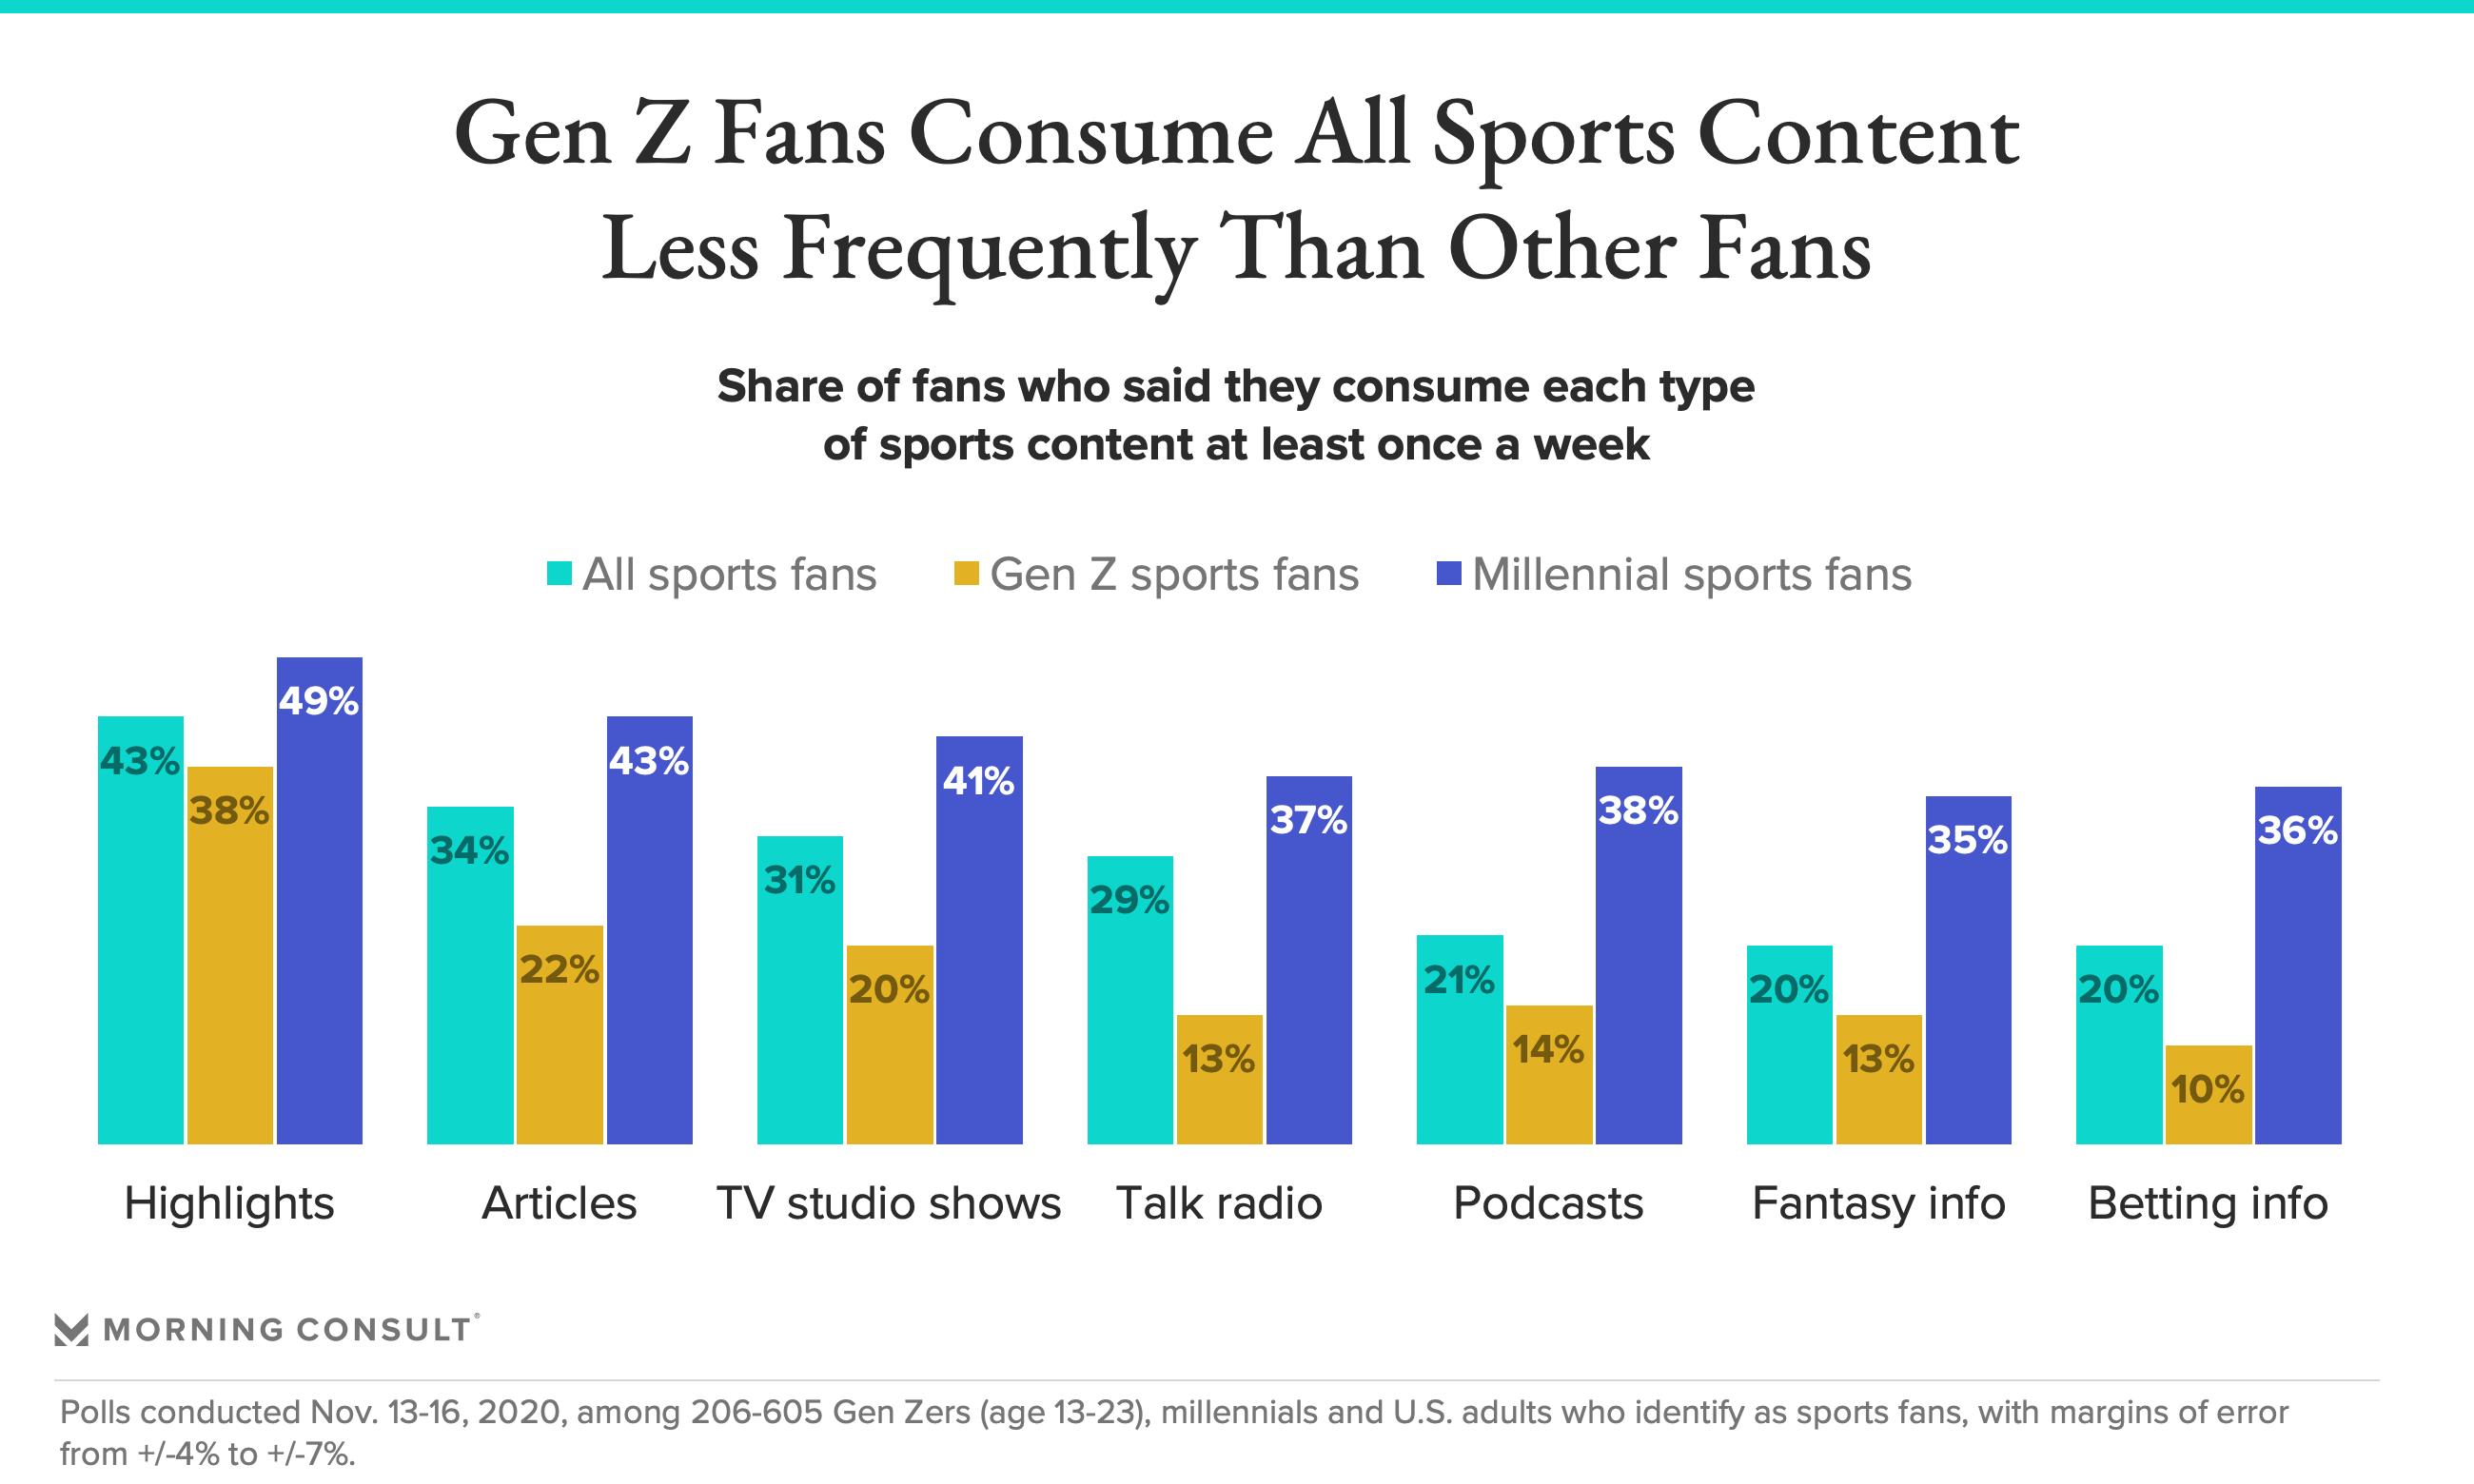 Gen Z Sports Content Consumption